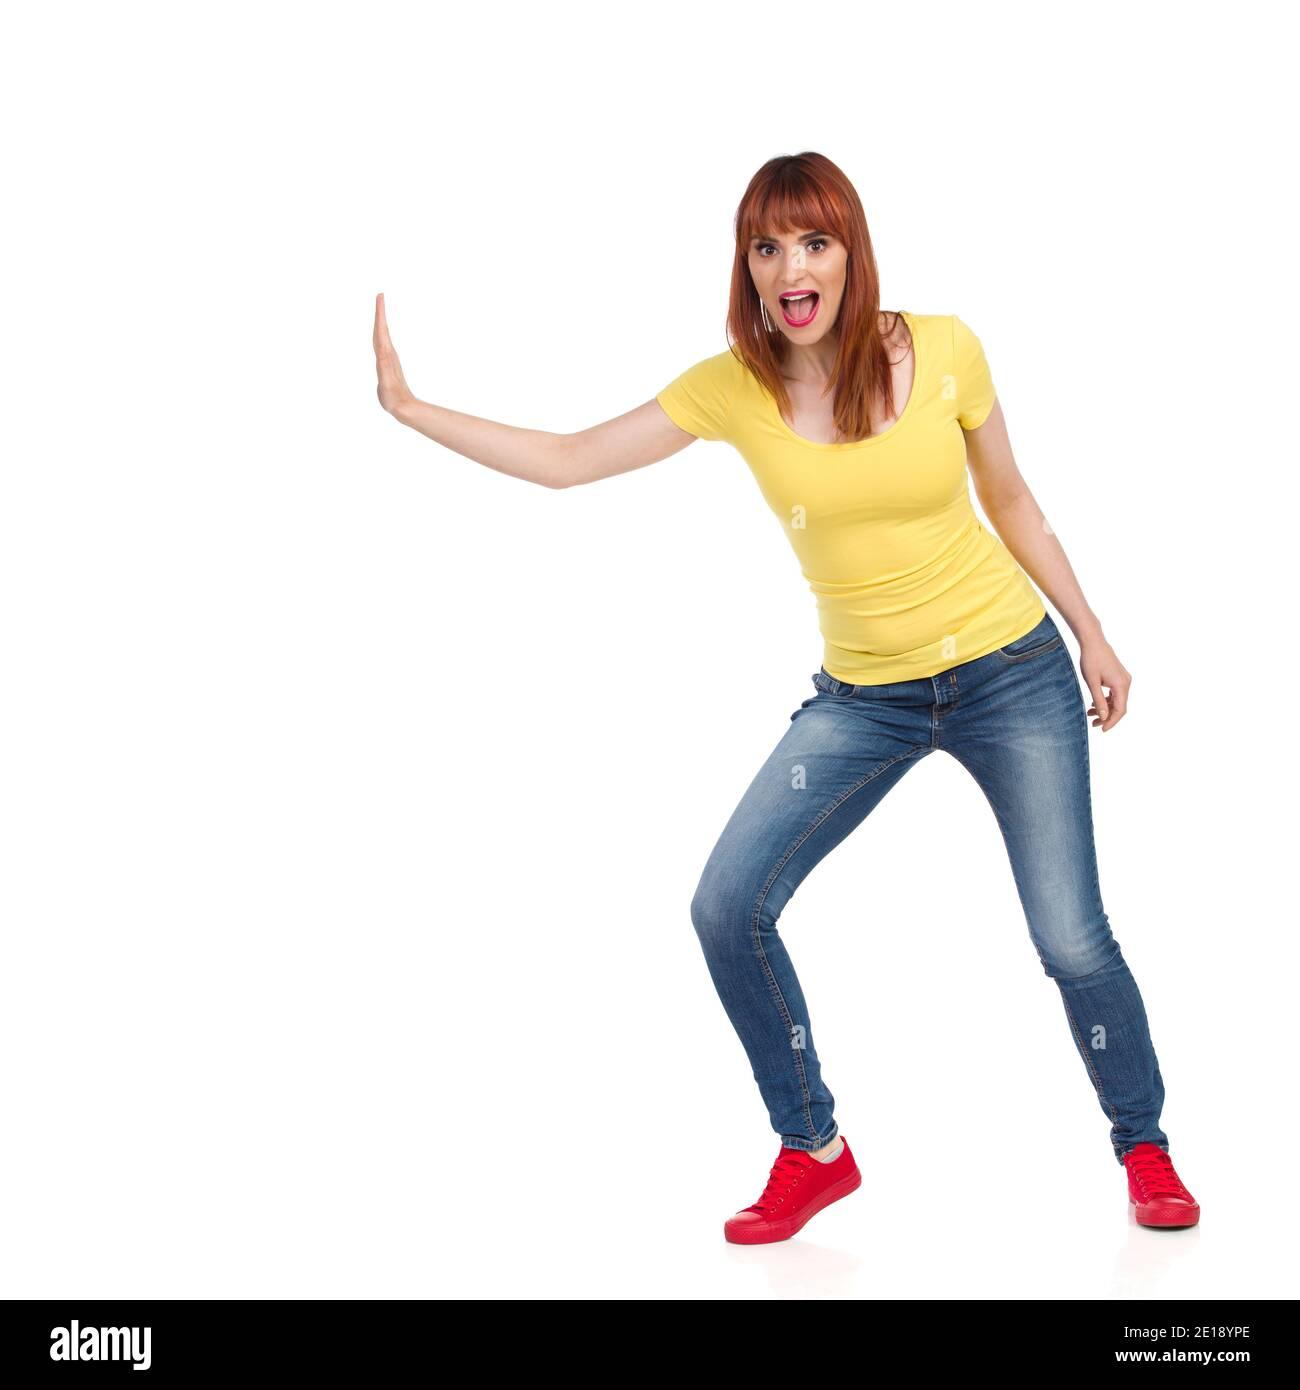 Une jeune femme excitée en chemise jaune, jeans et baskets rouges pousse quelque chose d'une main et crie. Vue avant. Prise de vue en studio pleine longueur isola Banque D'Images